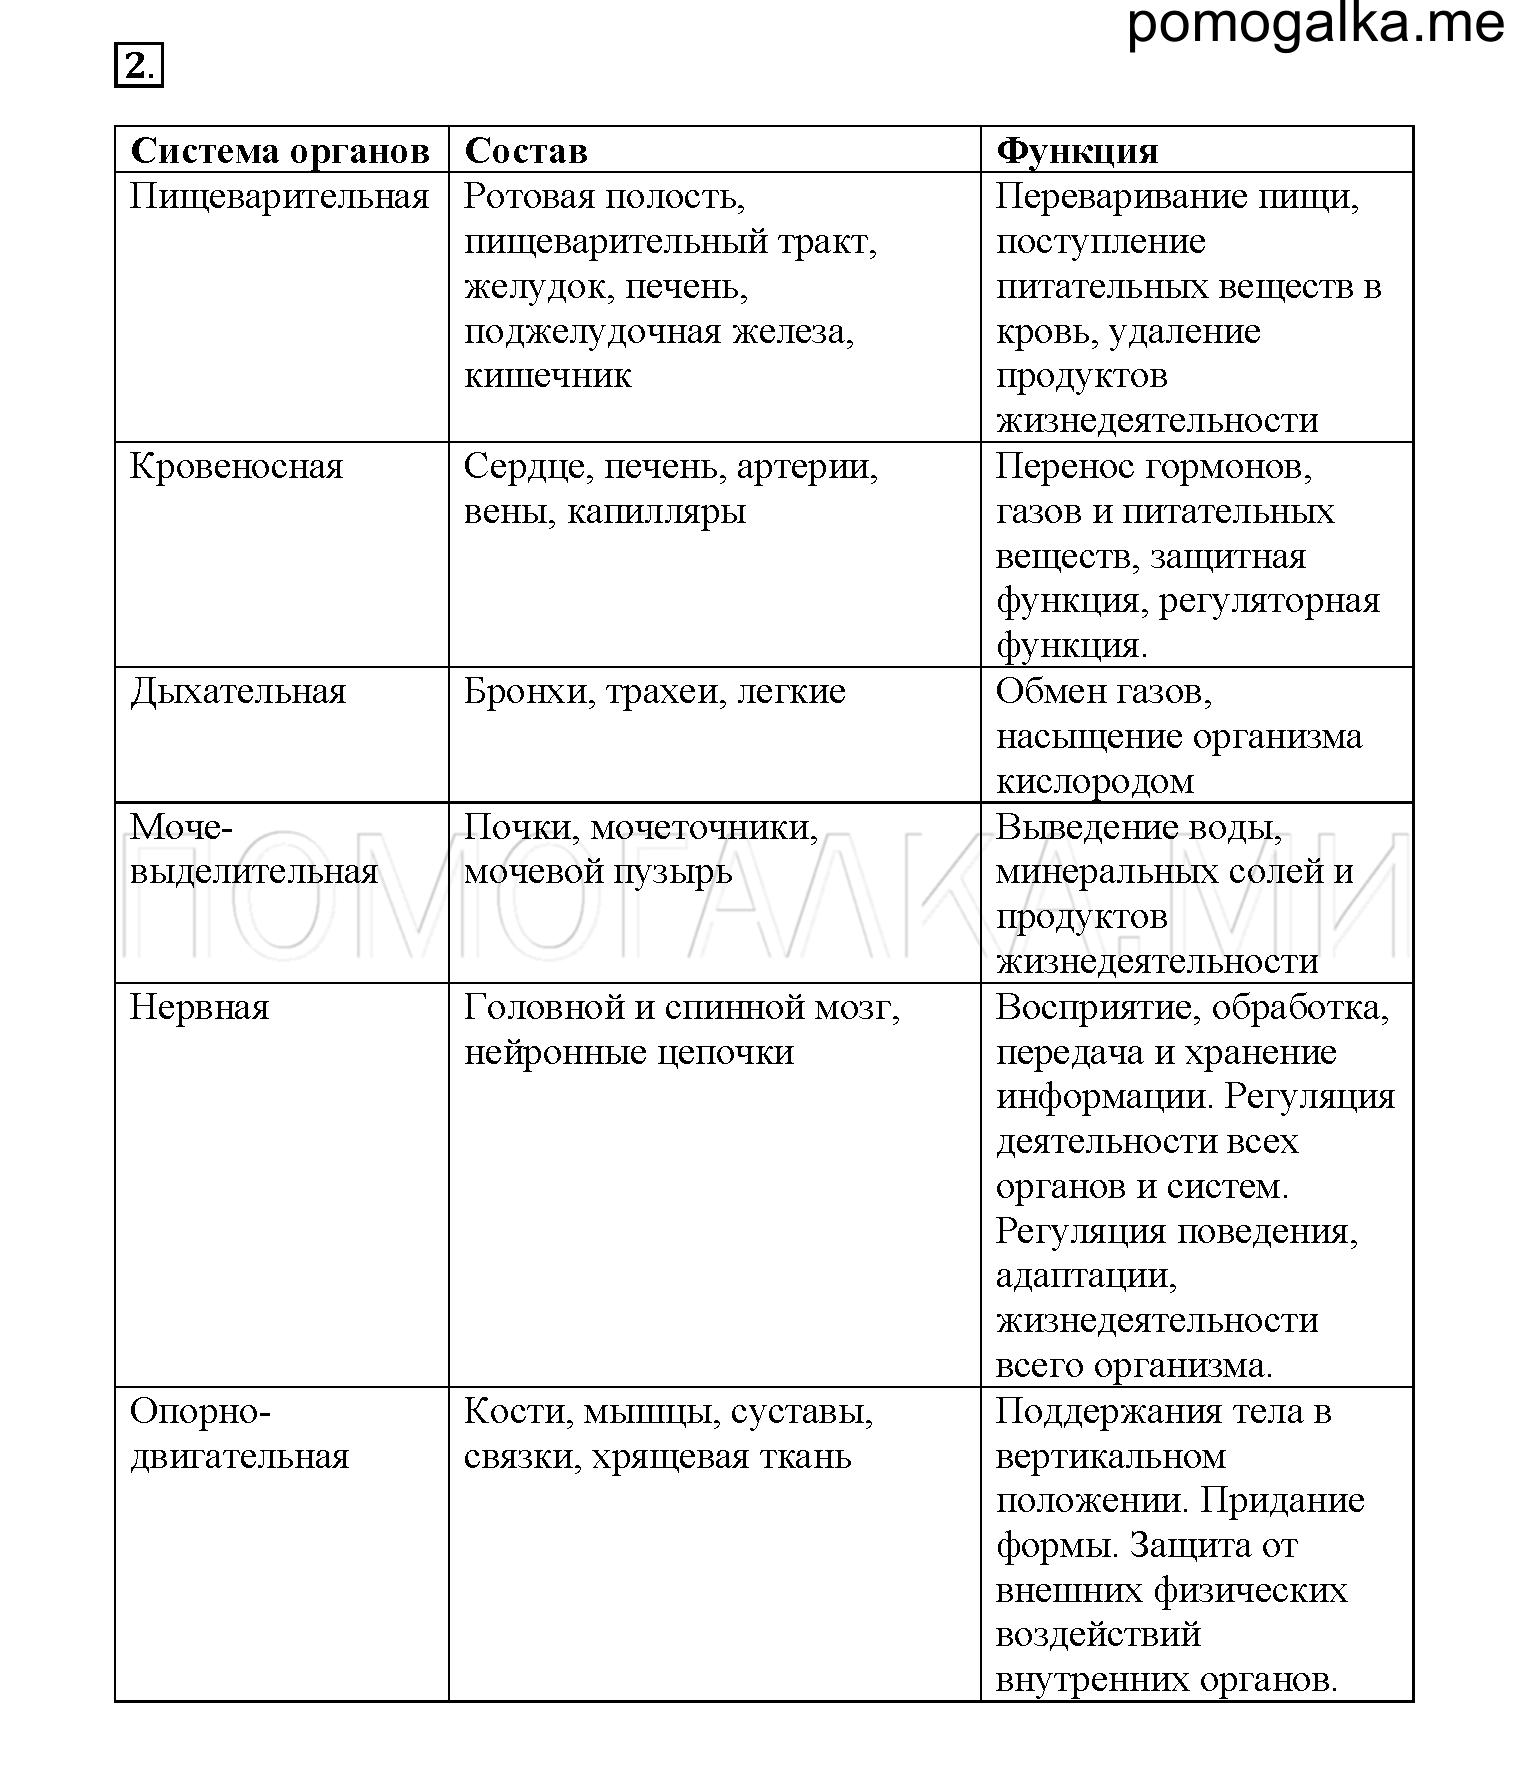 организм единое целое 6 класс биология